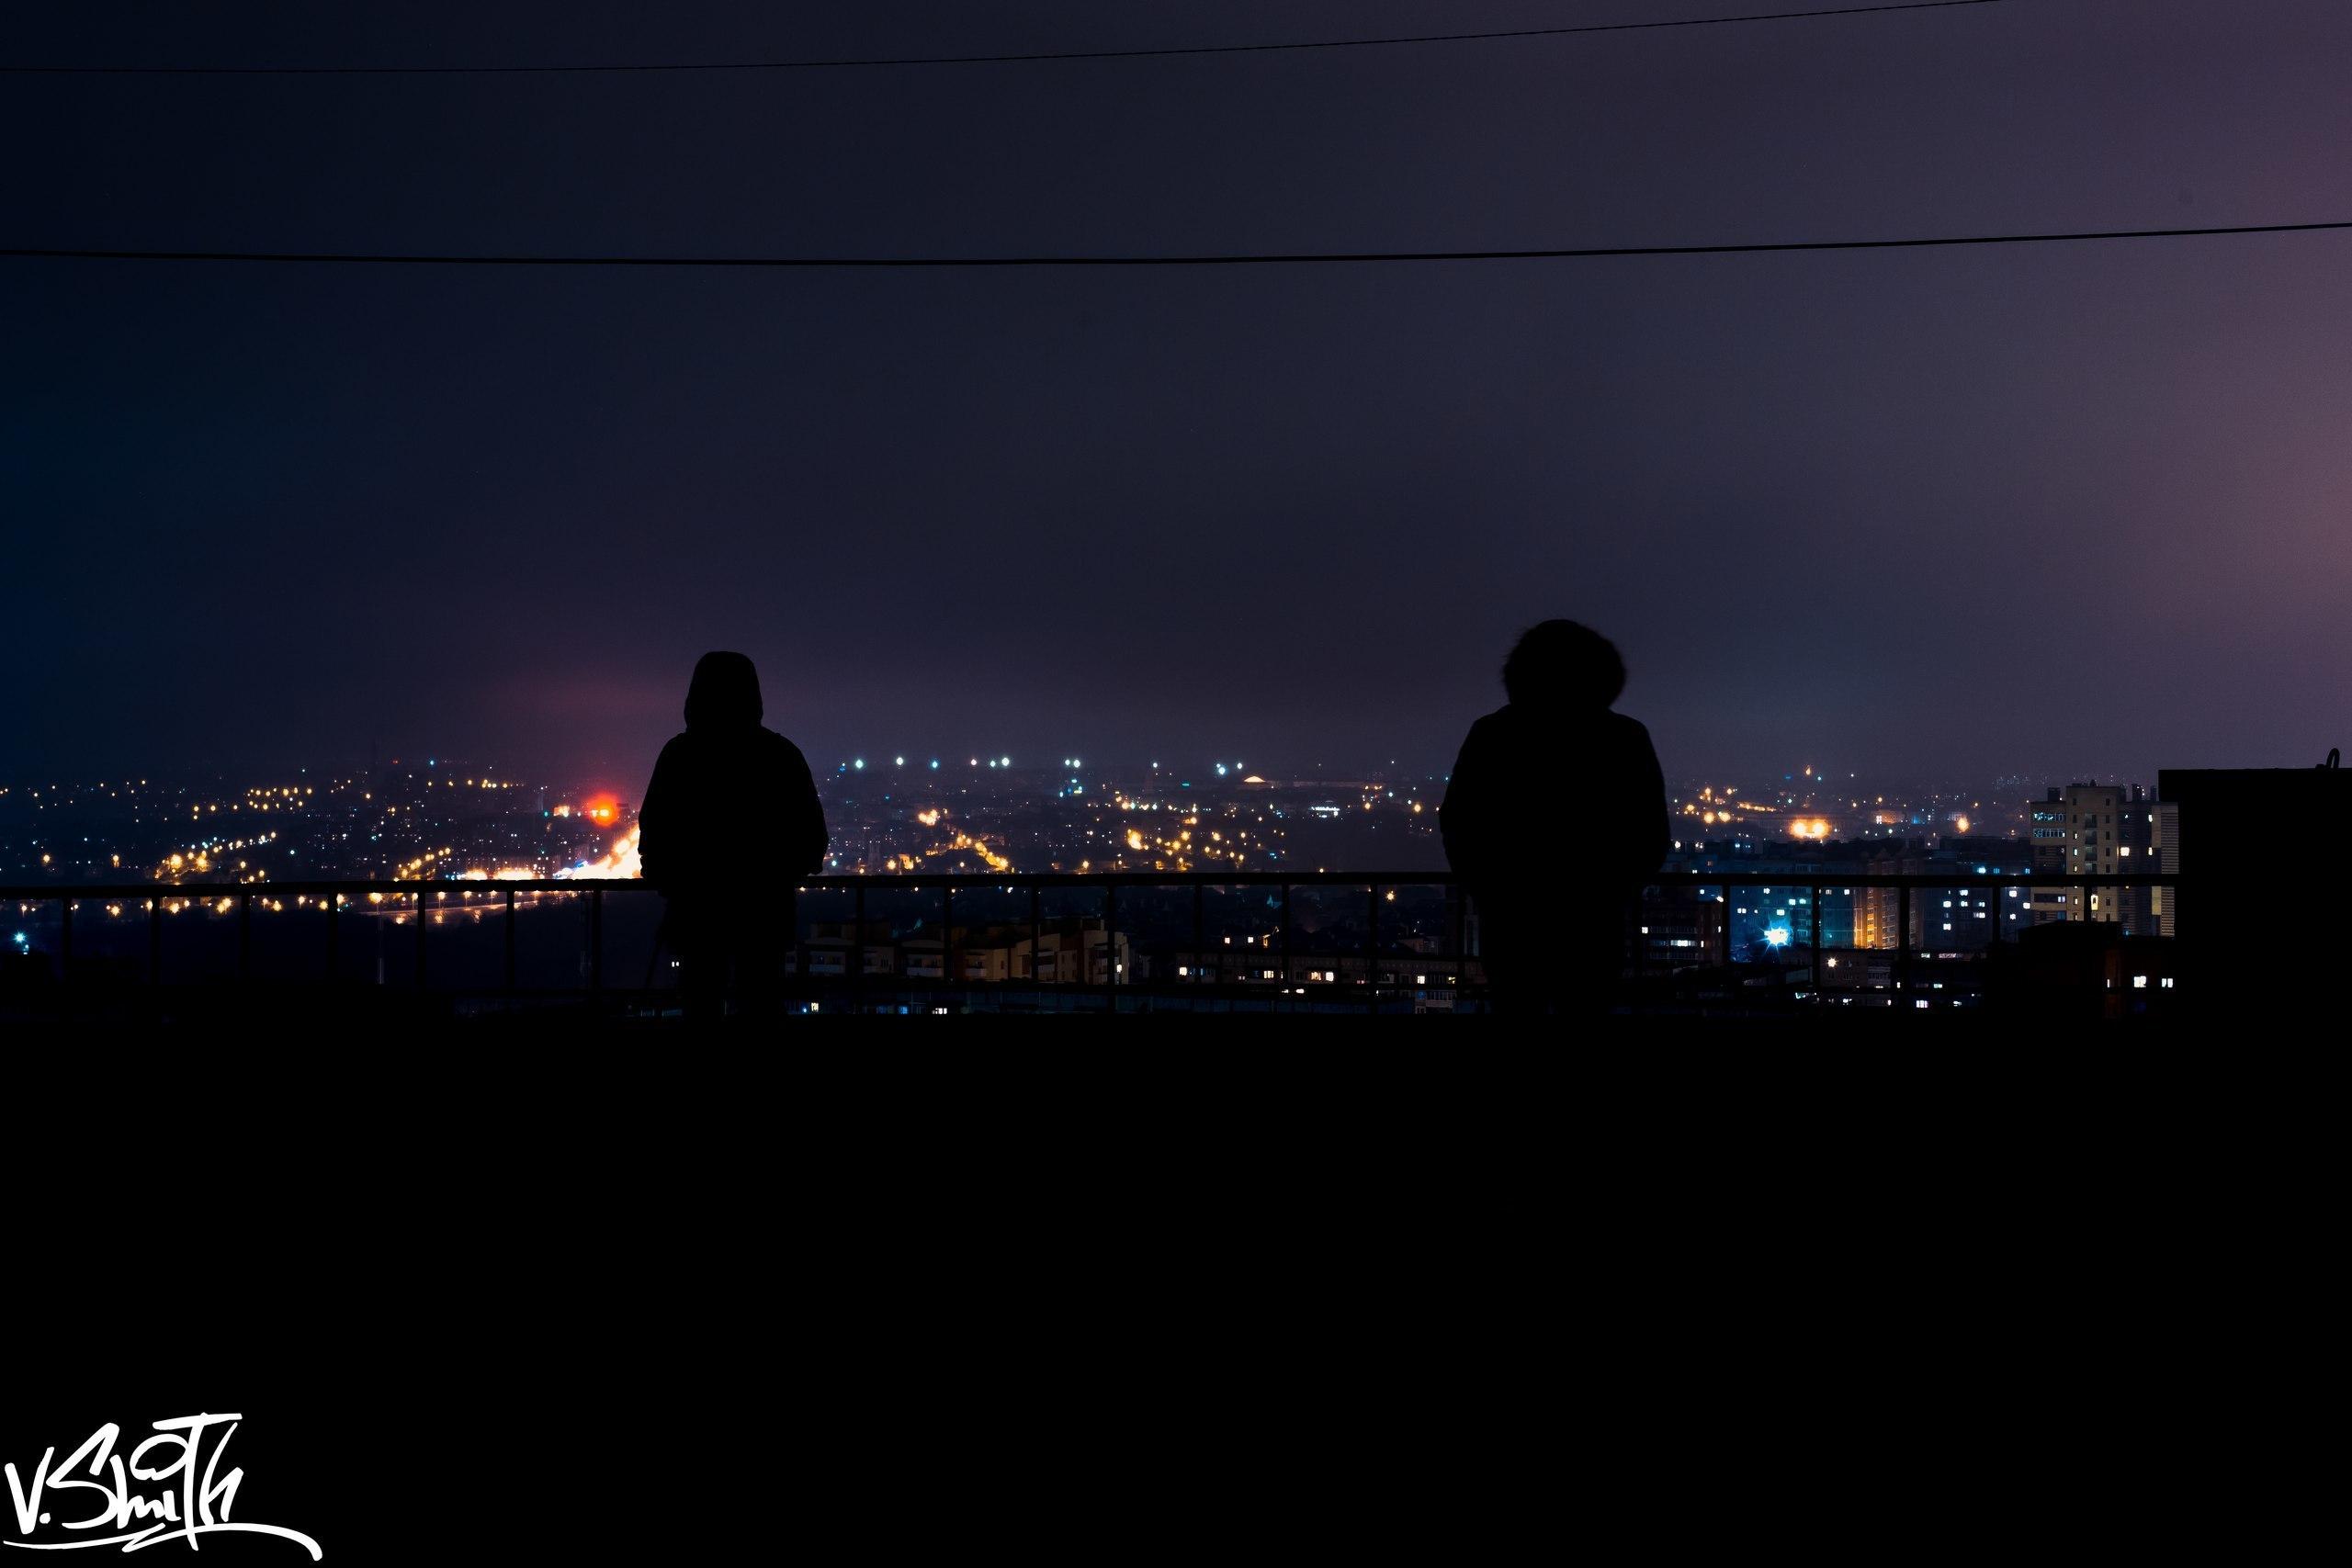 девушка на крыше и вид ночного города картинка кто